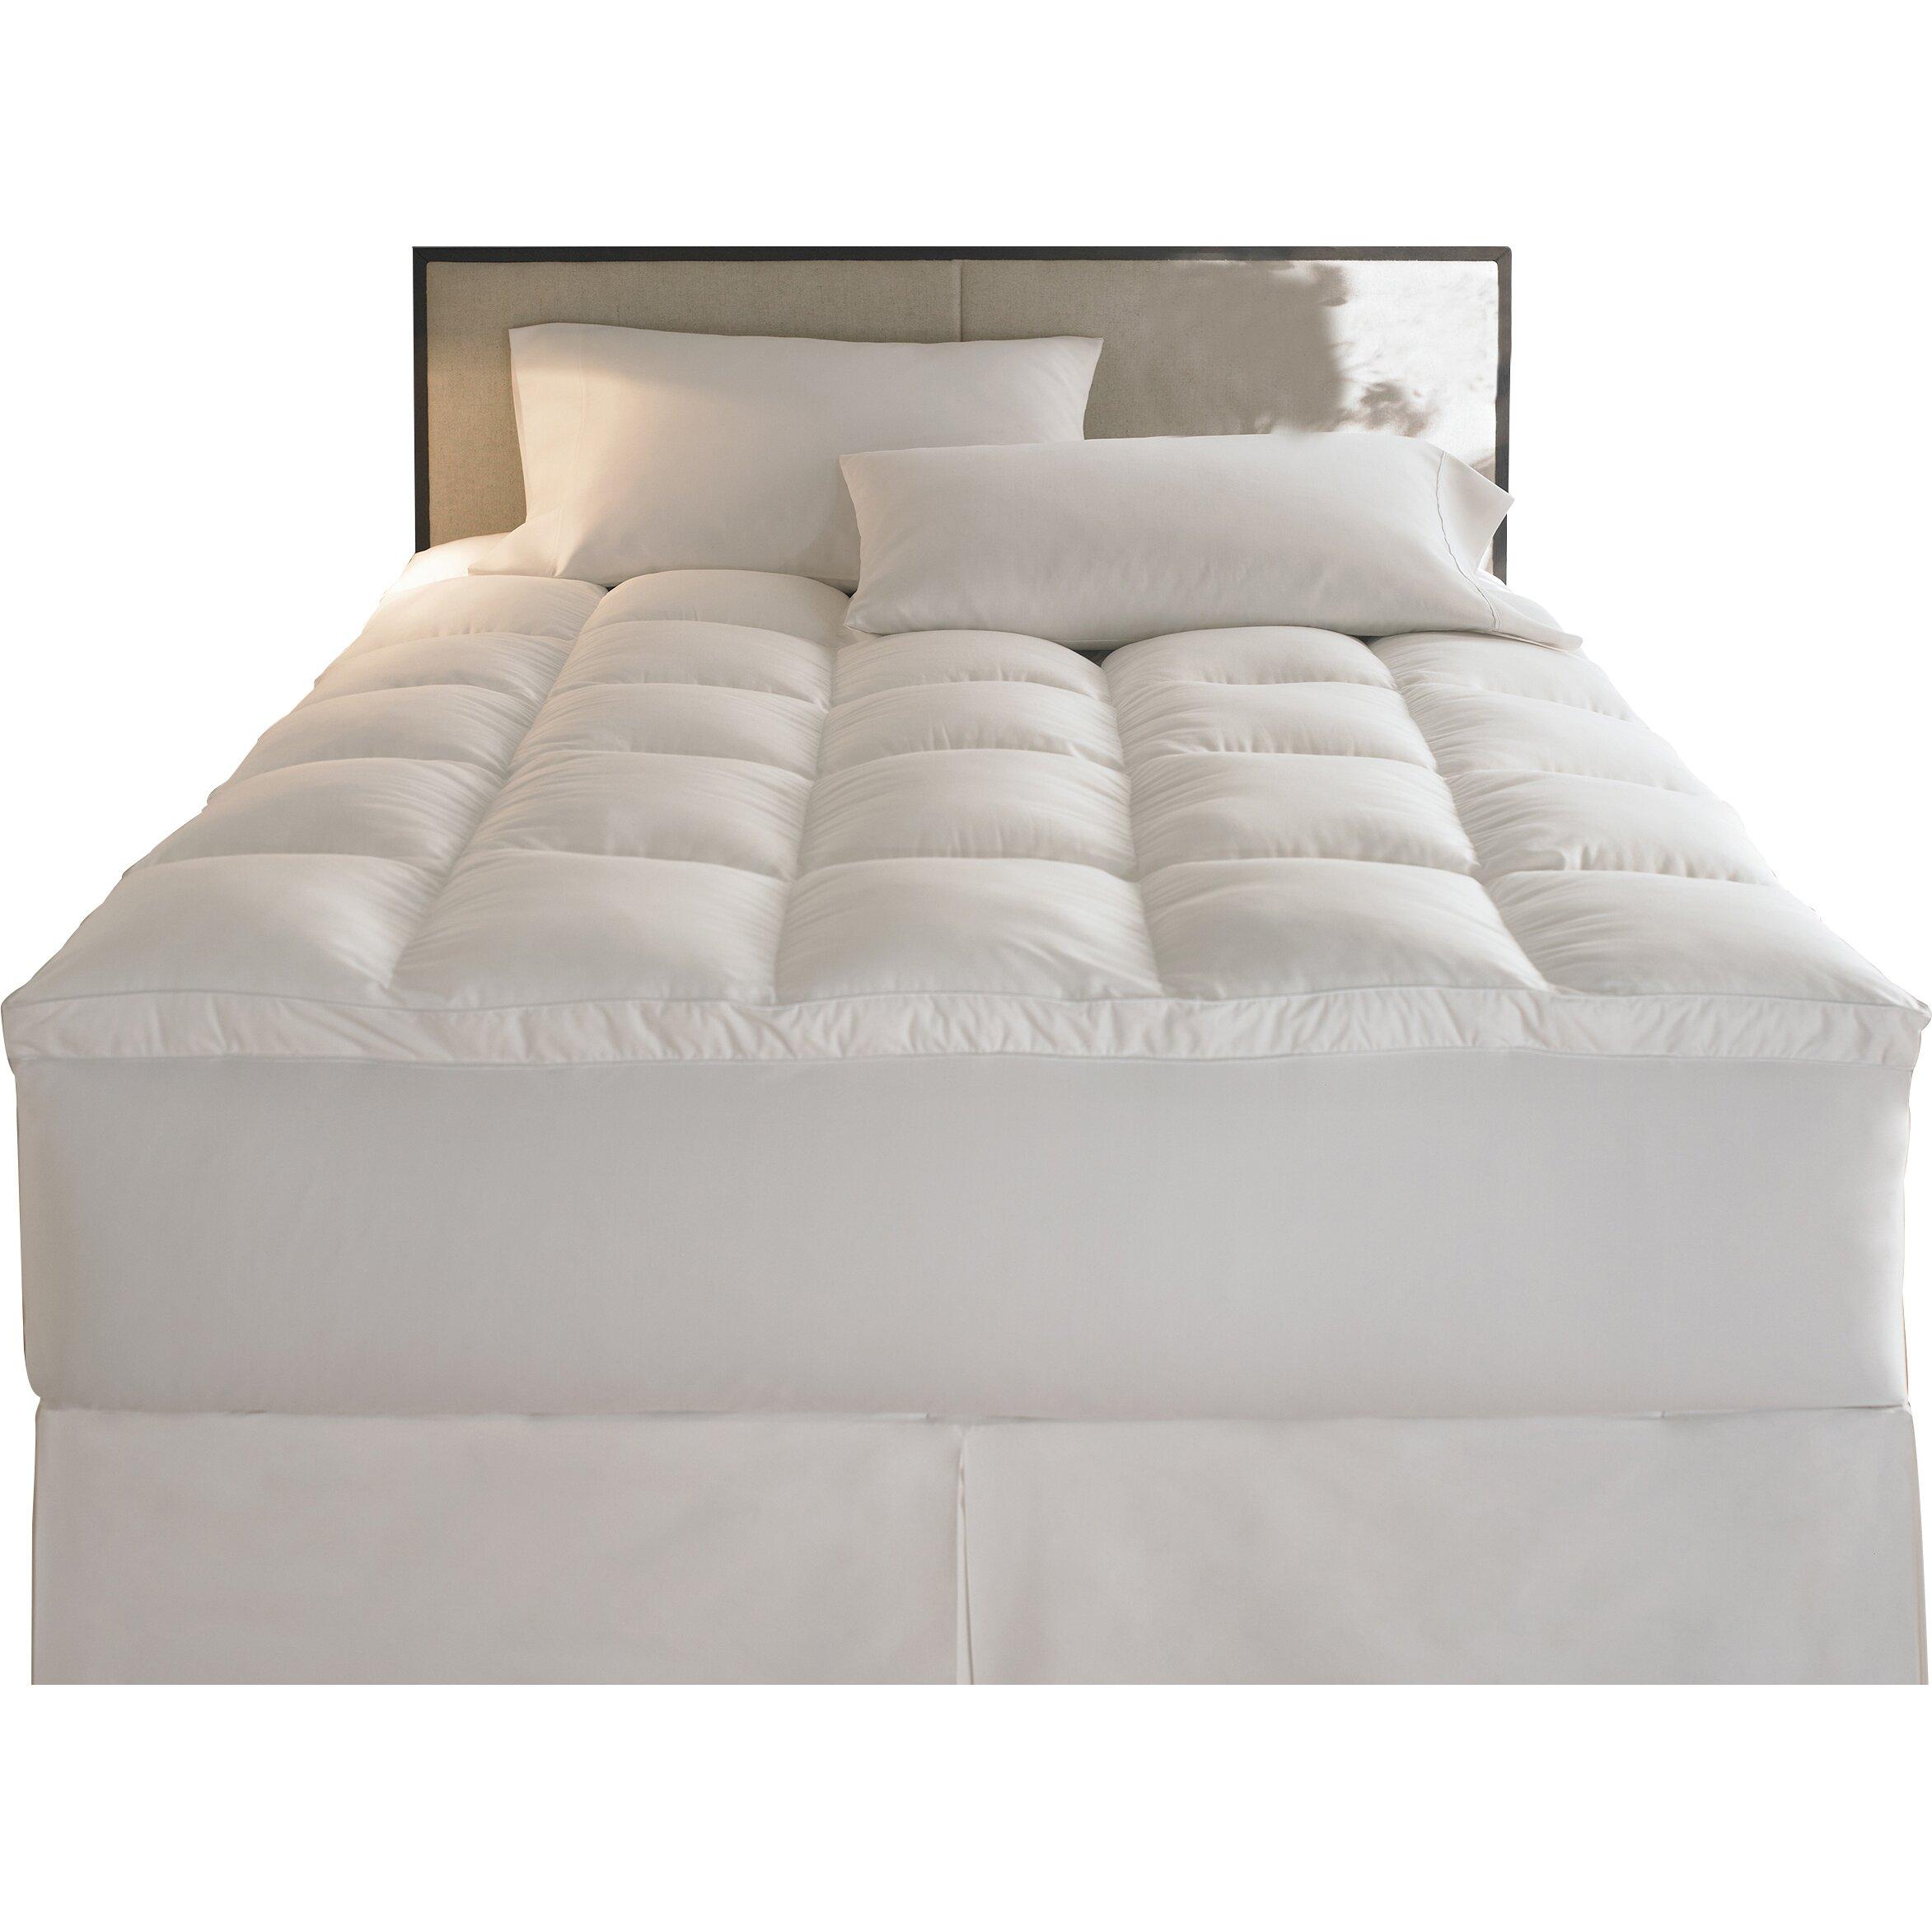 lc modern classics mattress topper reviews wayfair bed bug s